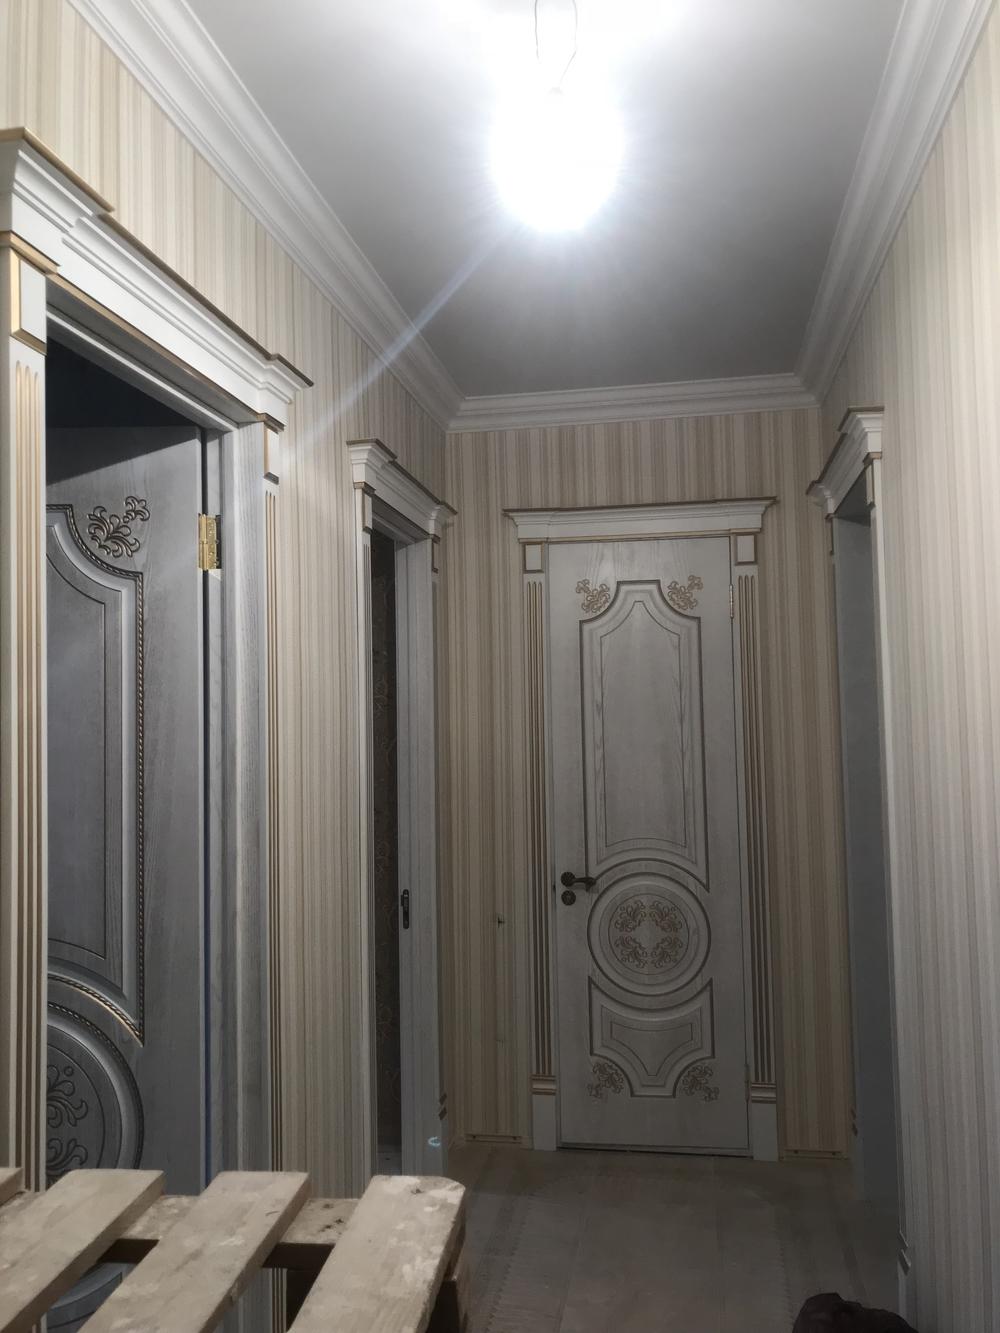 Республика Дагестан, городской округ Каспийск, Каспийск